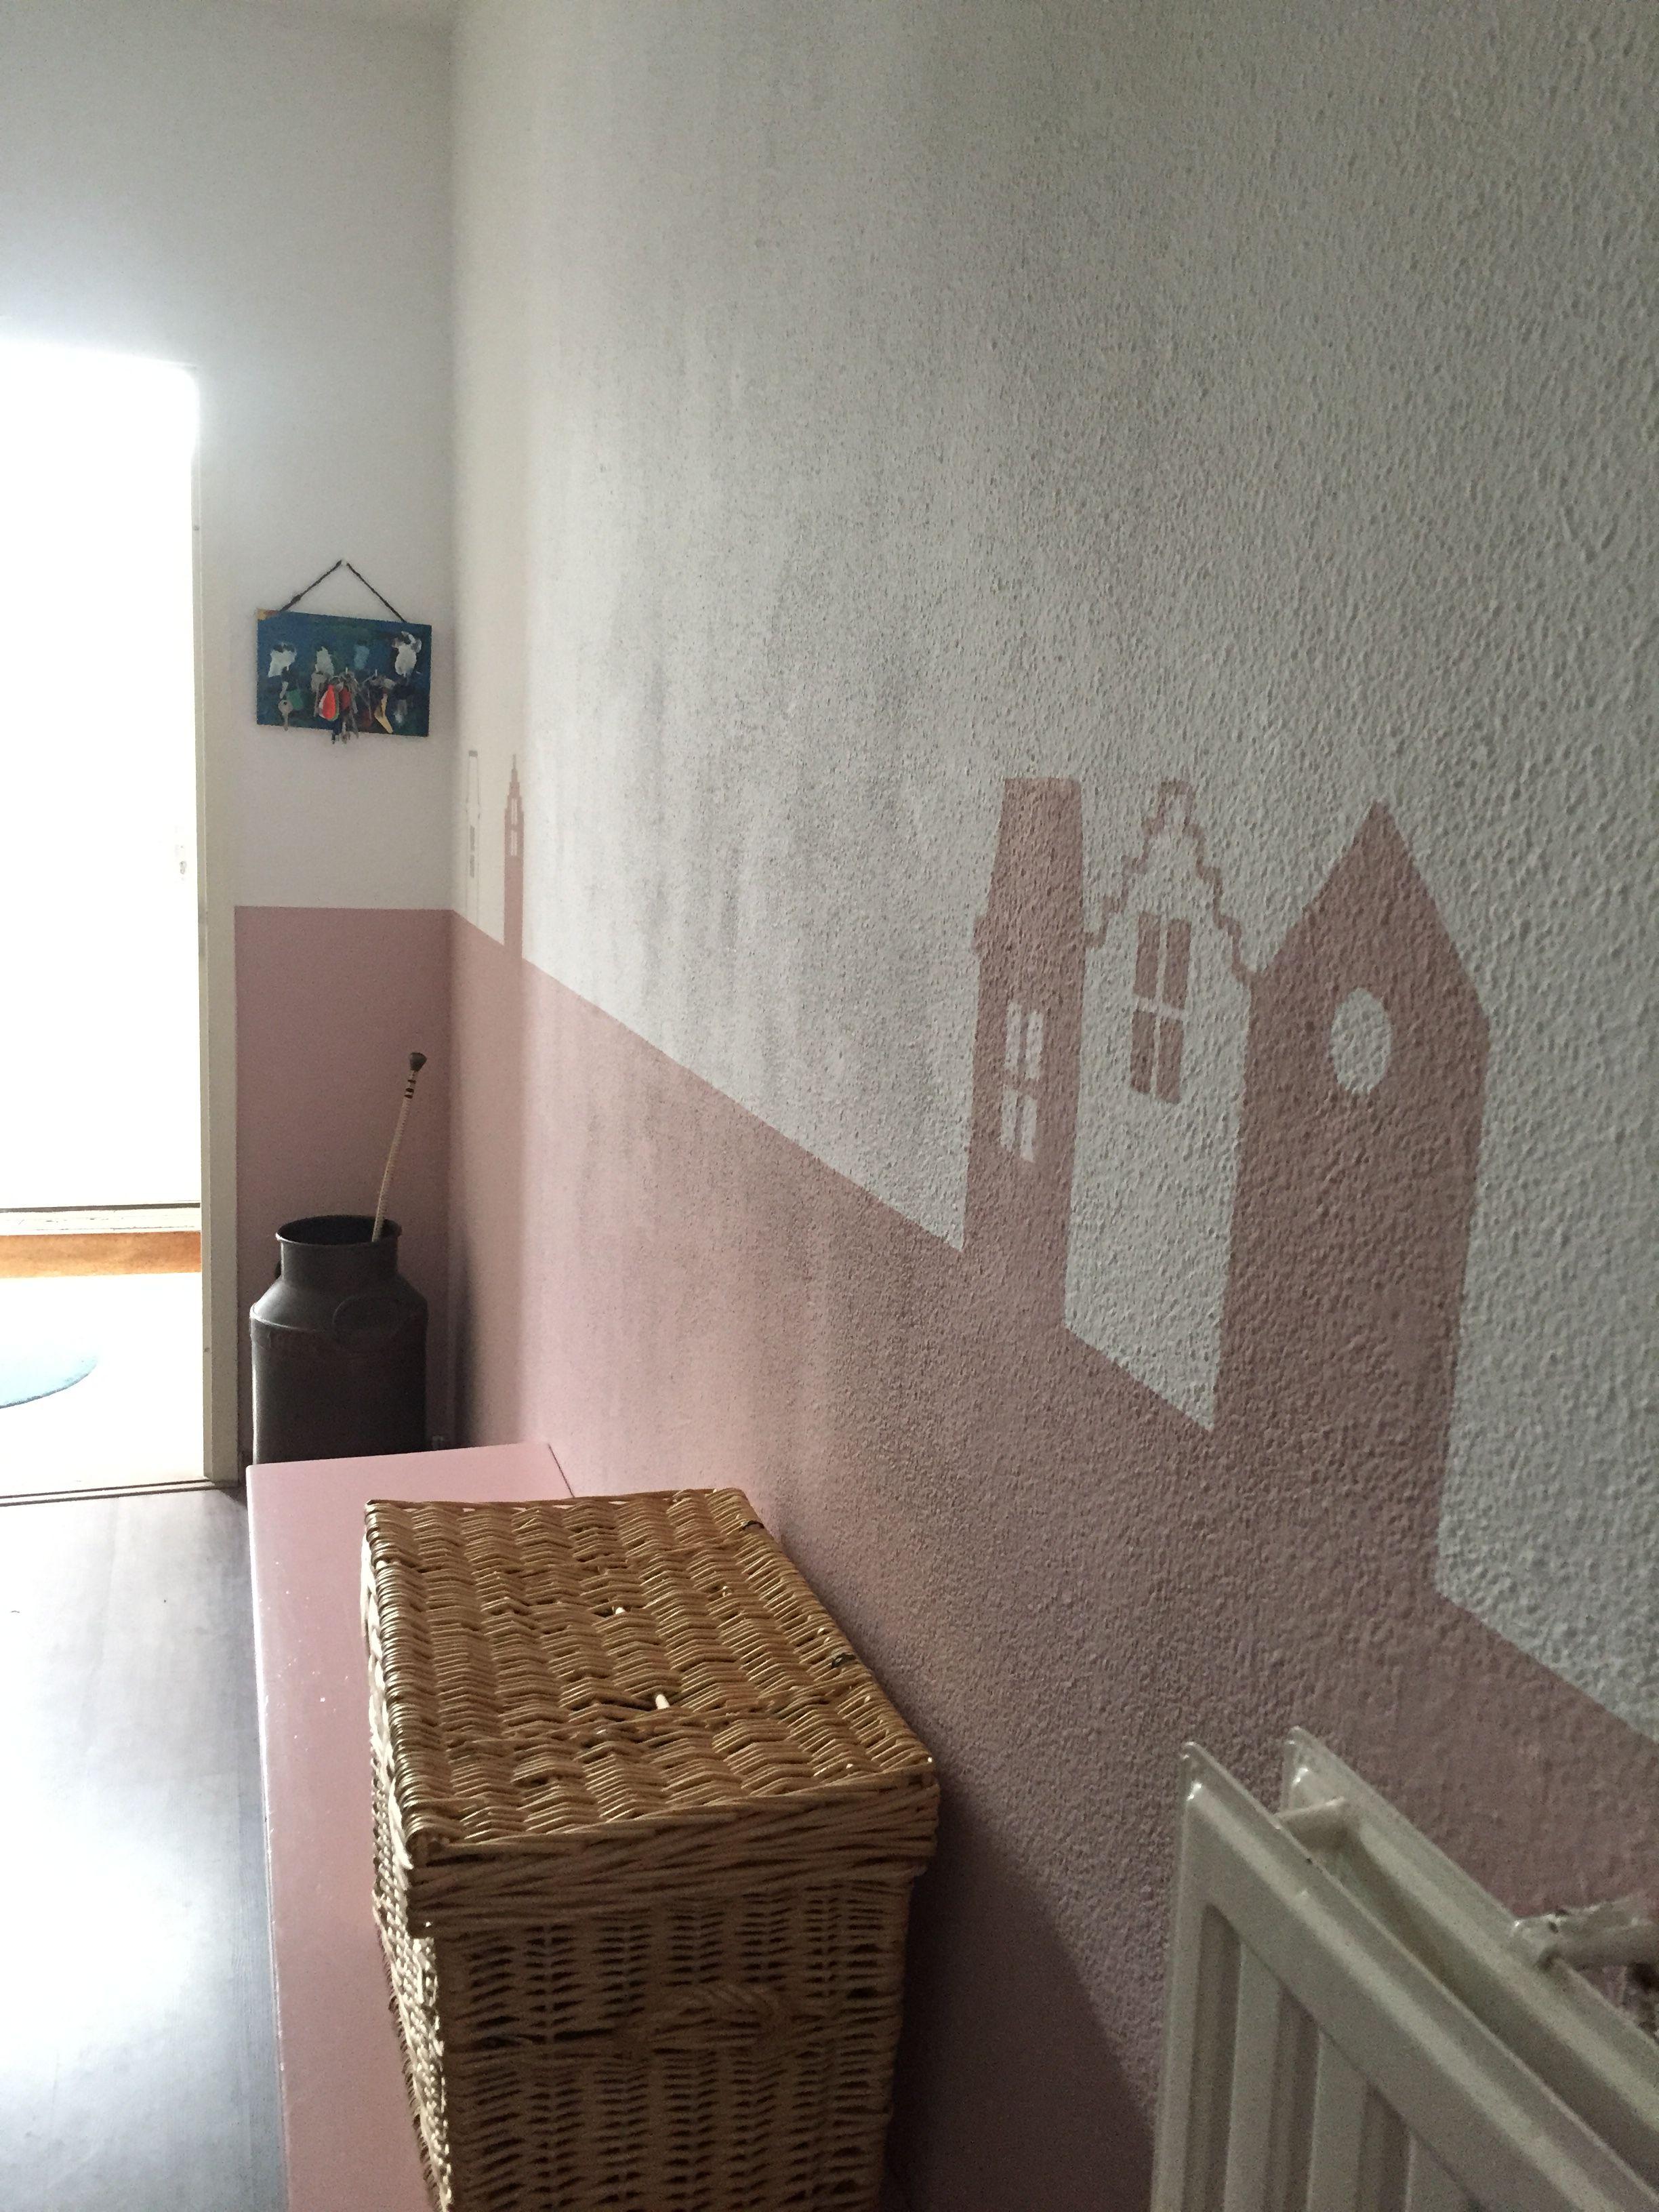 Lambrisering Schilderen Kinderkamer : Lambrisering van roze verf opgeleukt met grachtenpandjes halve